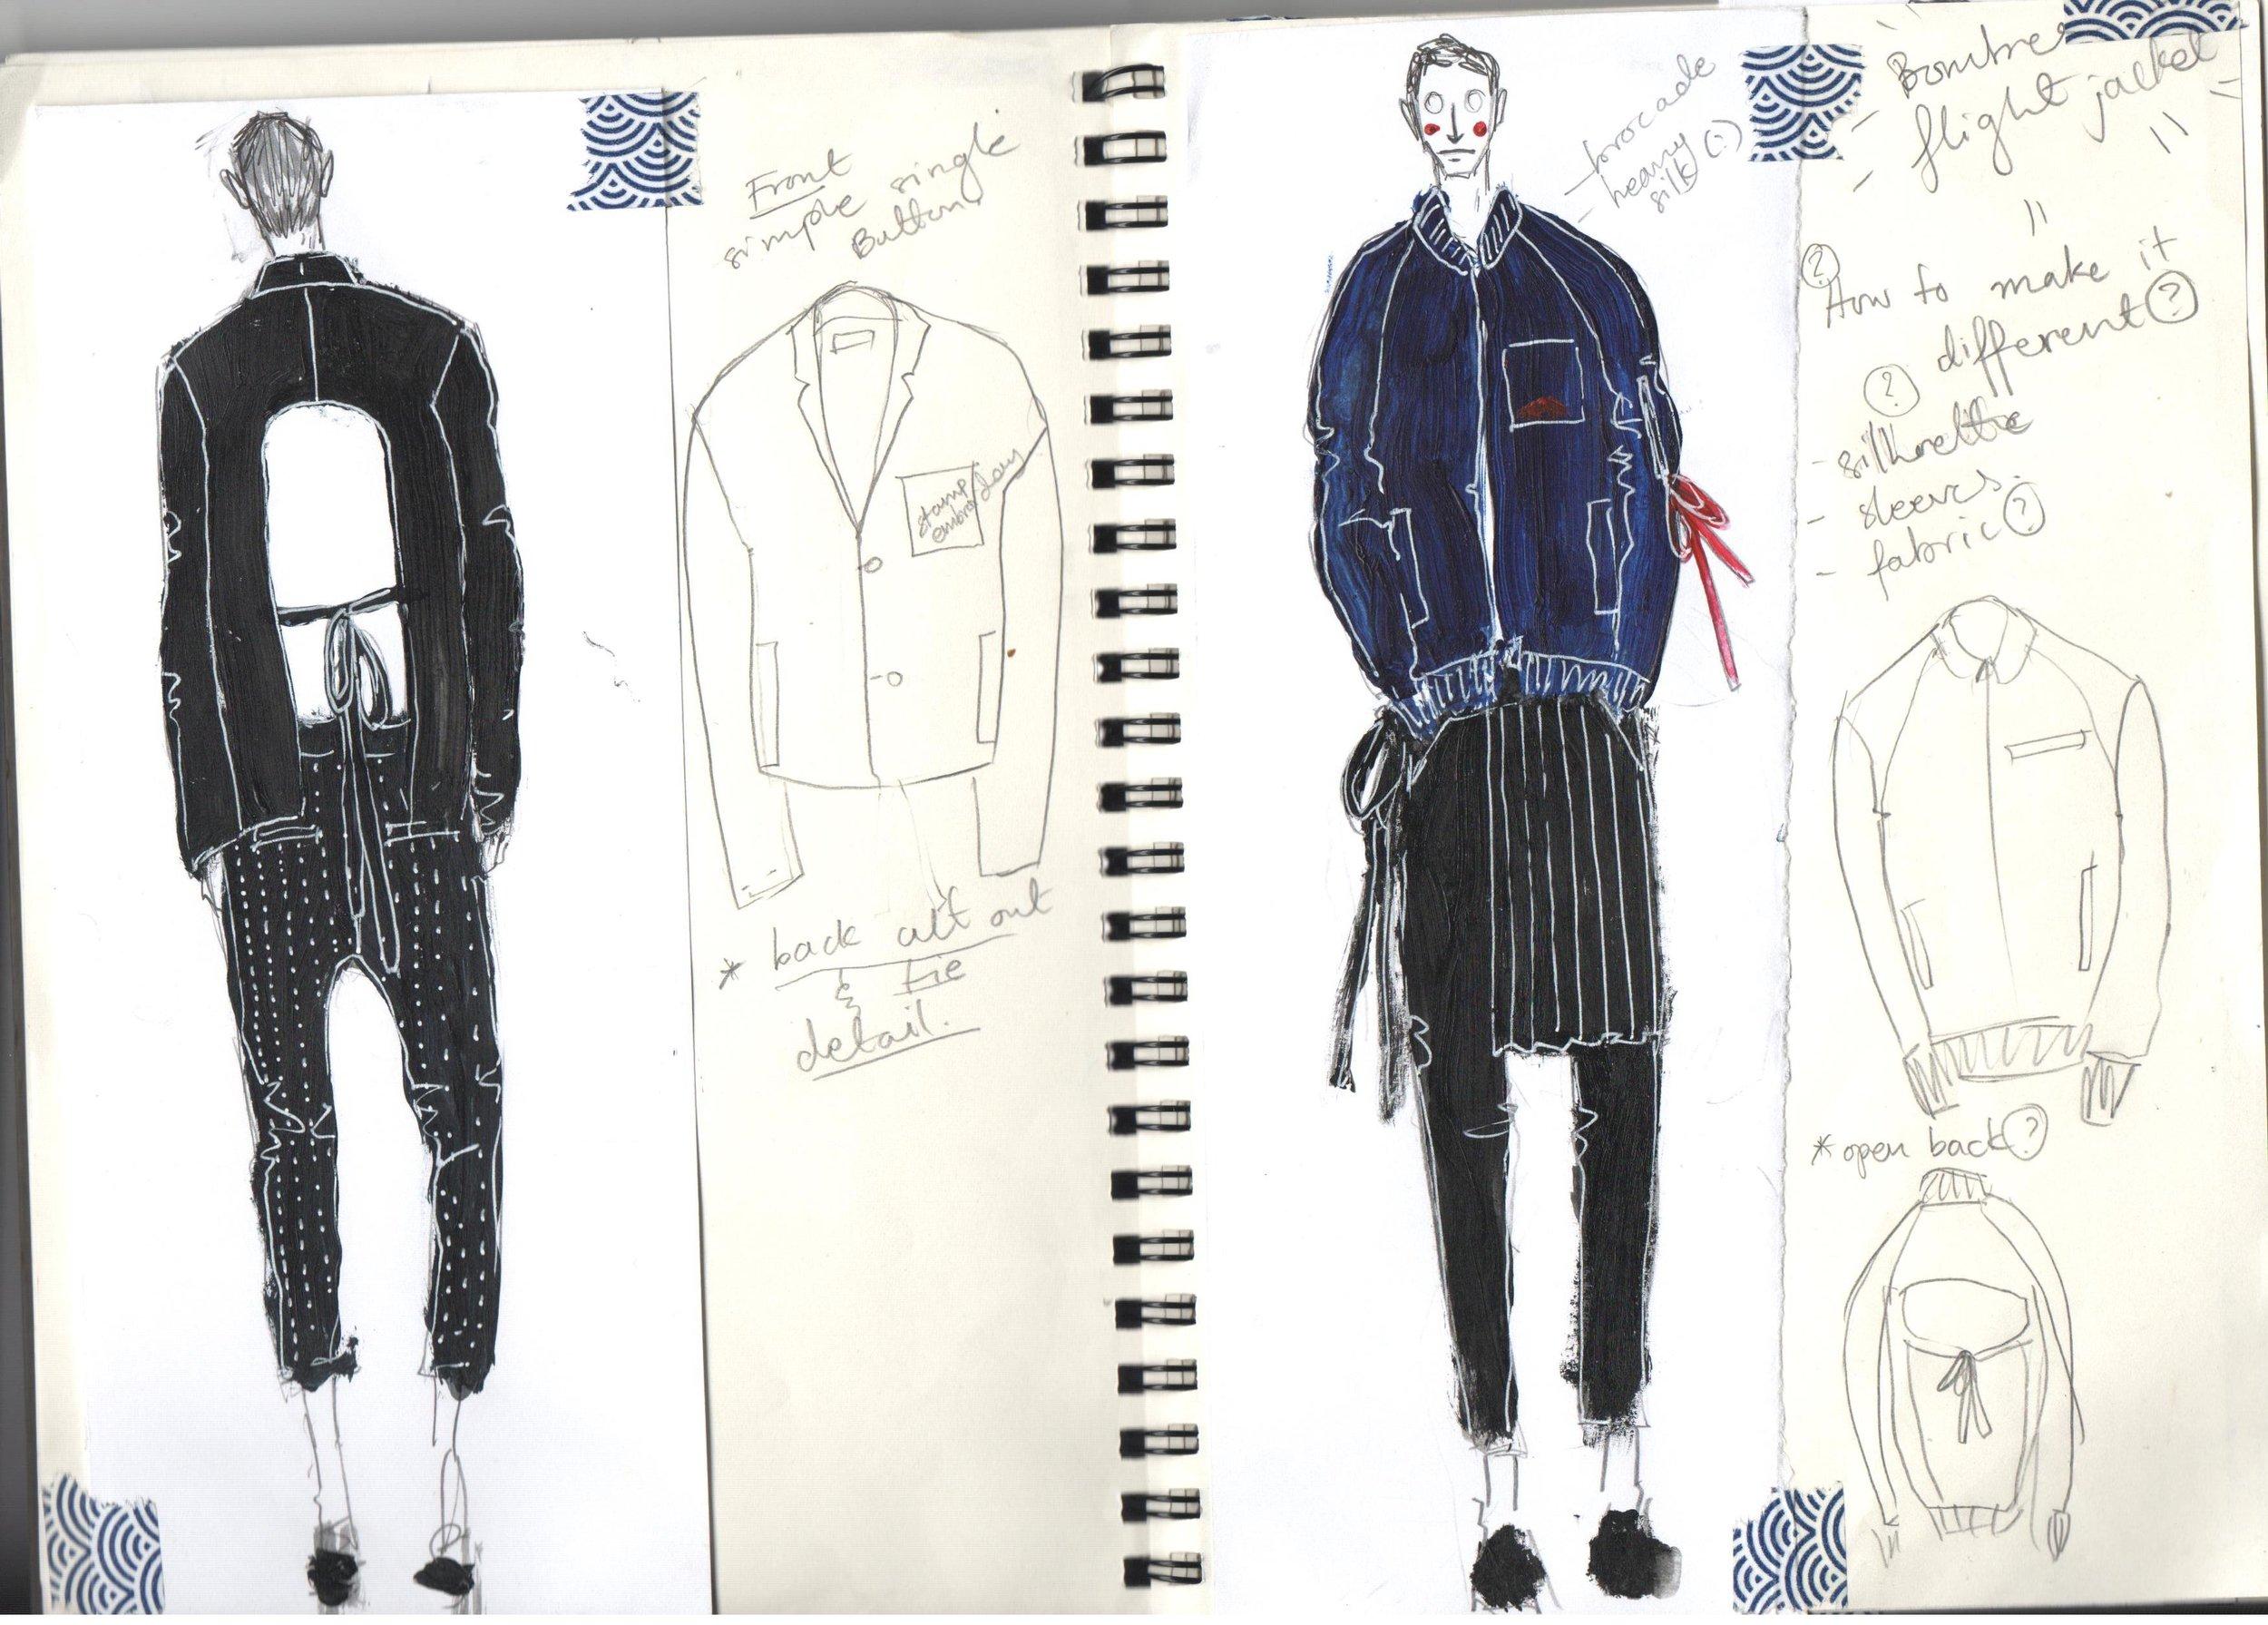 Designs by Sheycha Dem